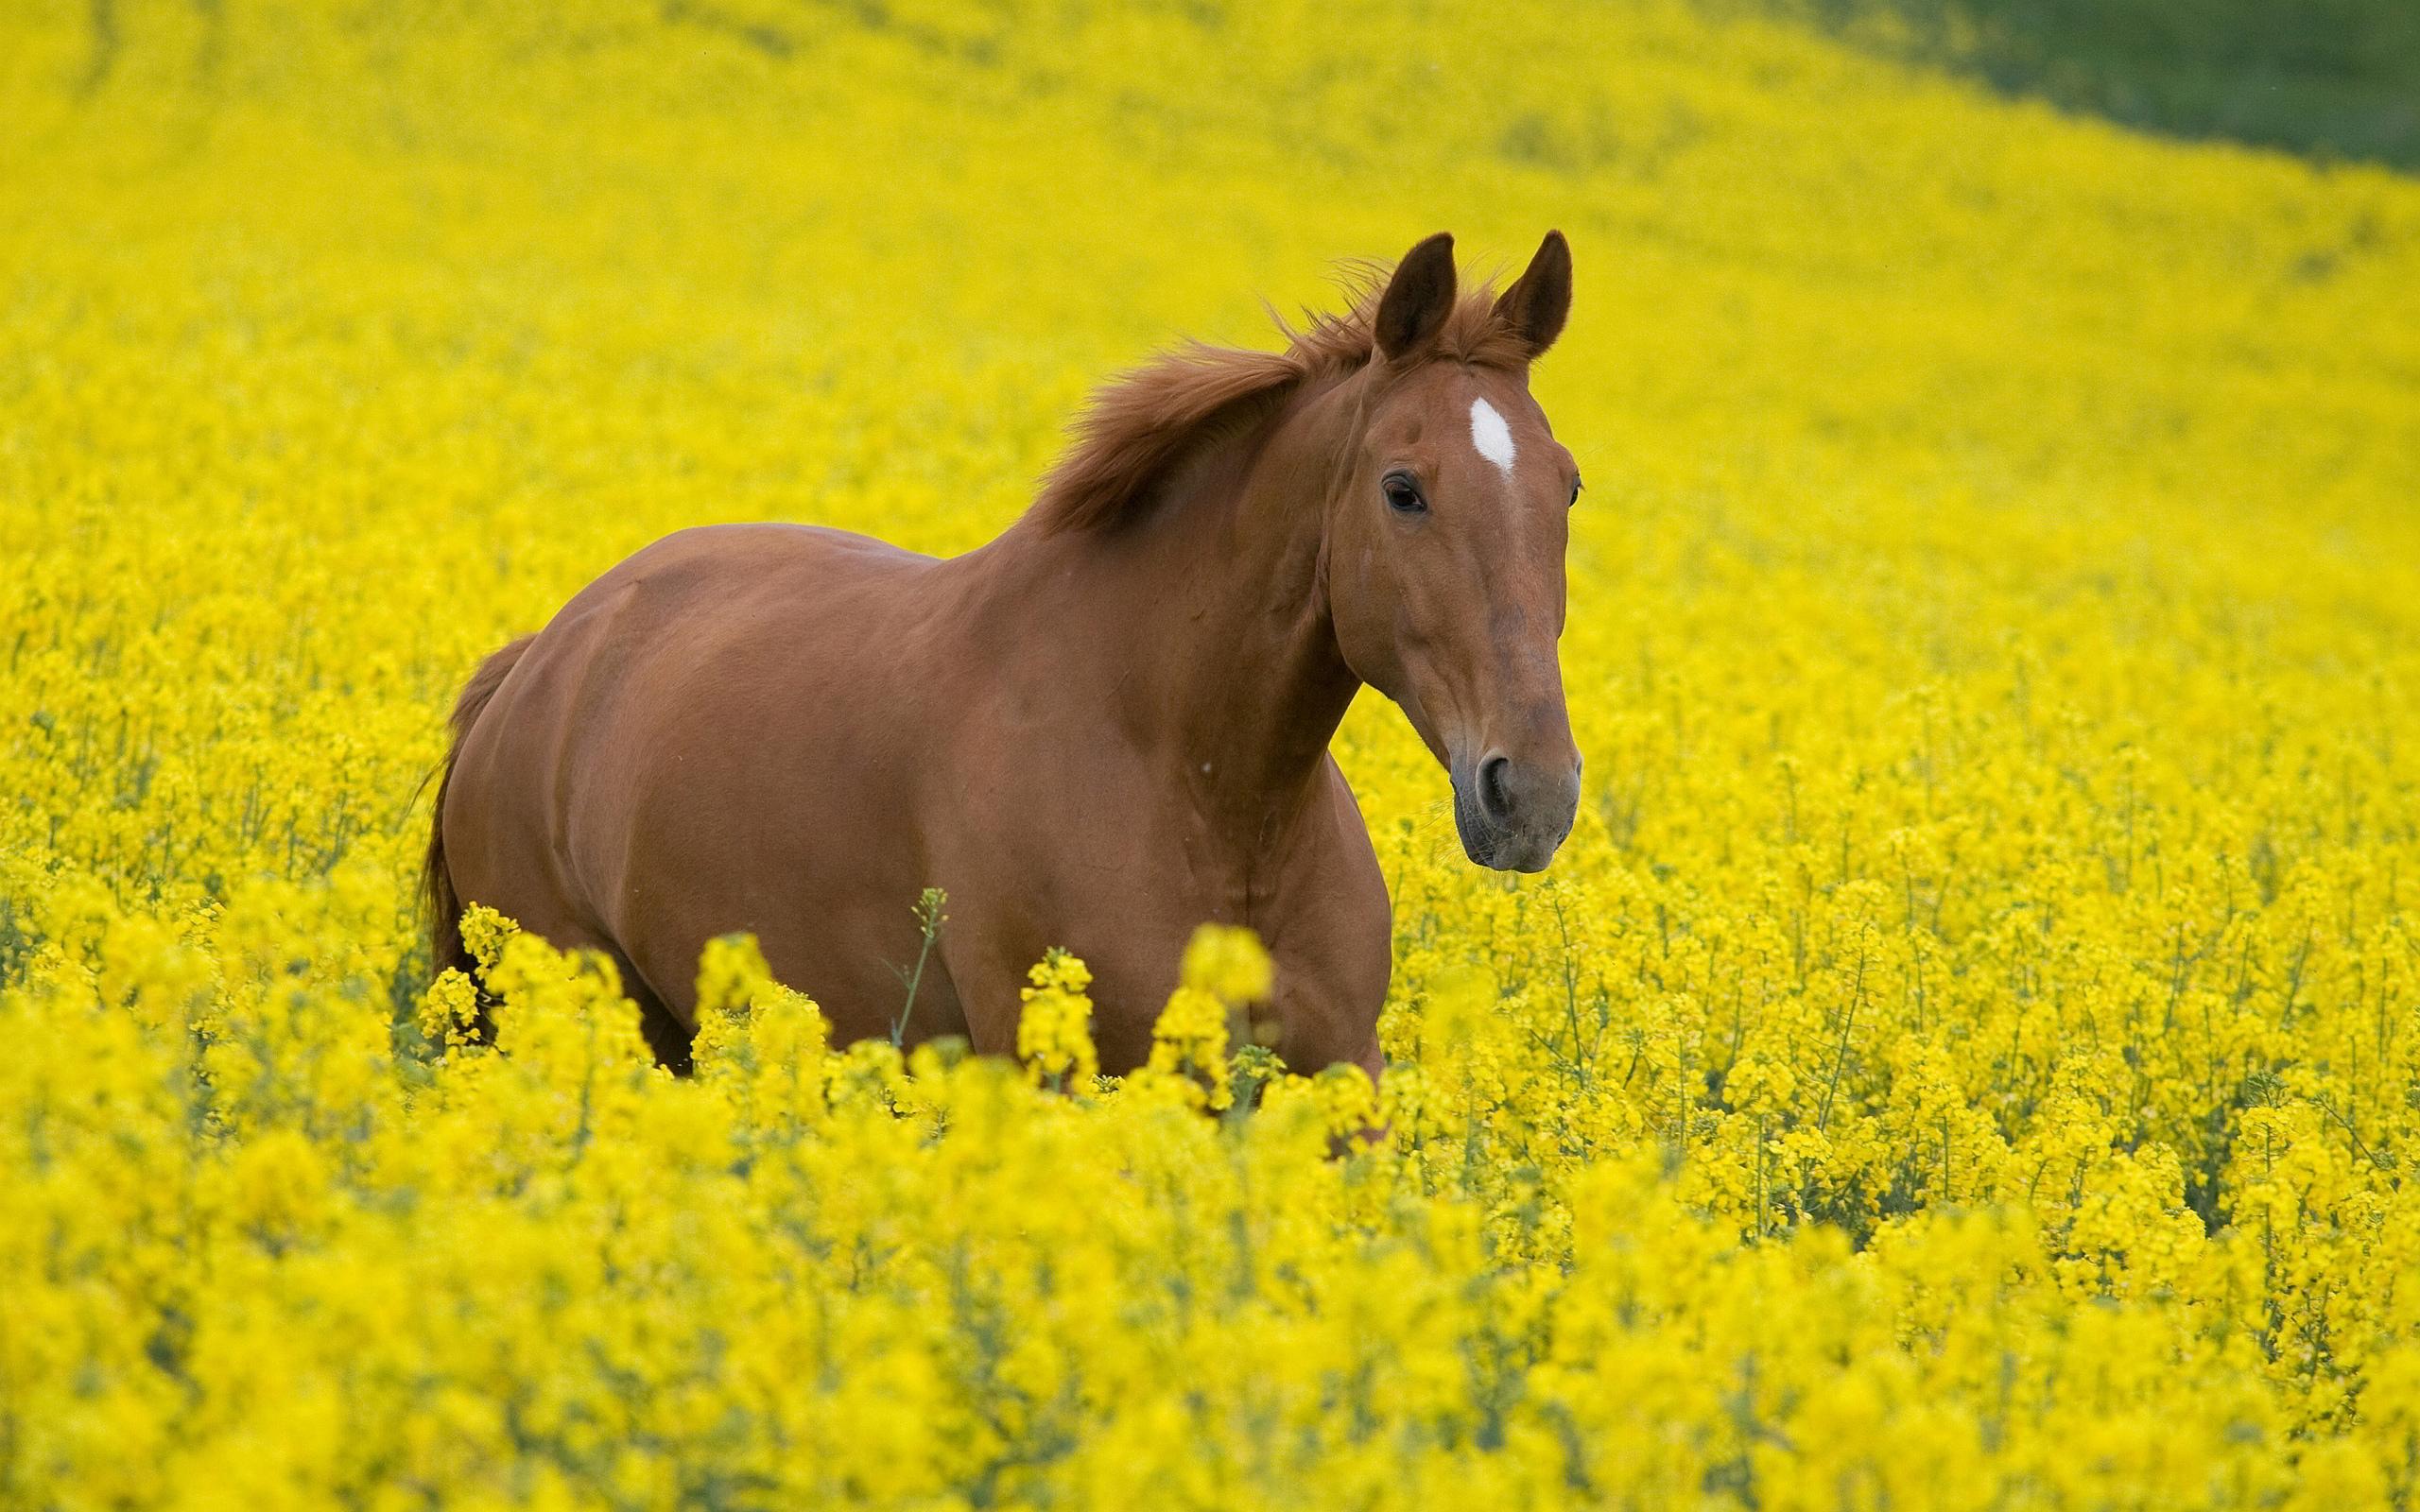 Horse canola field